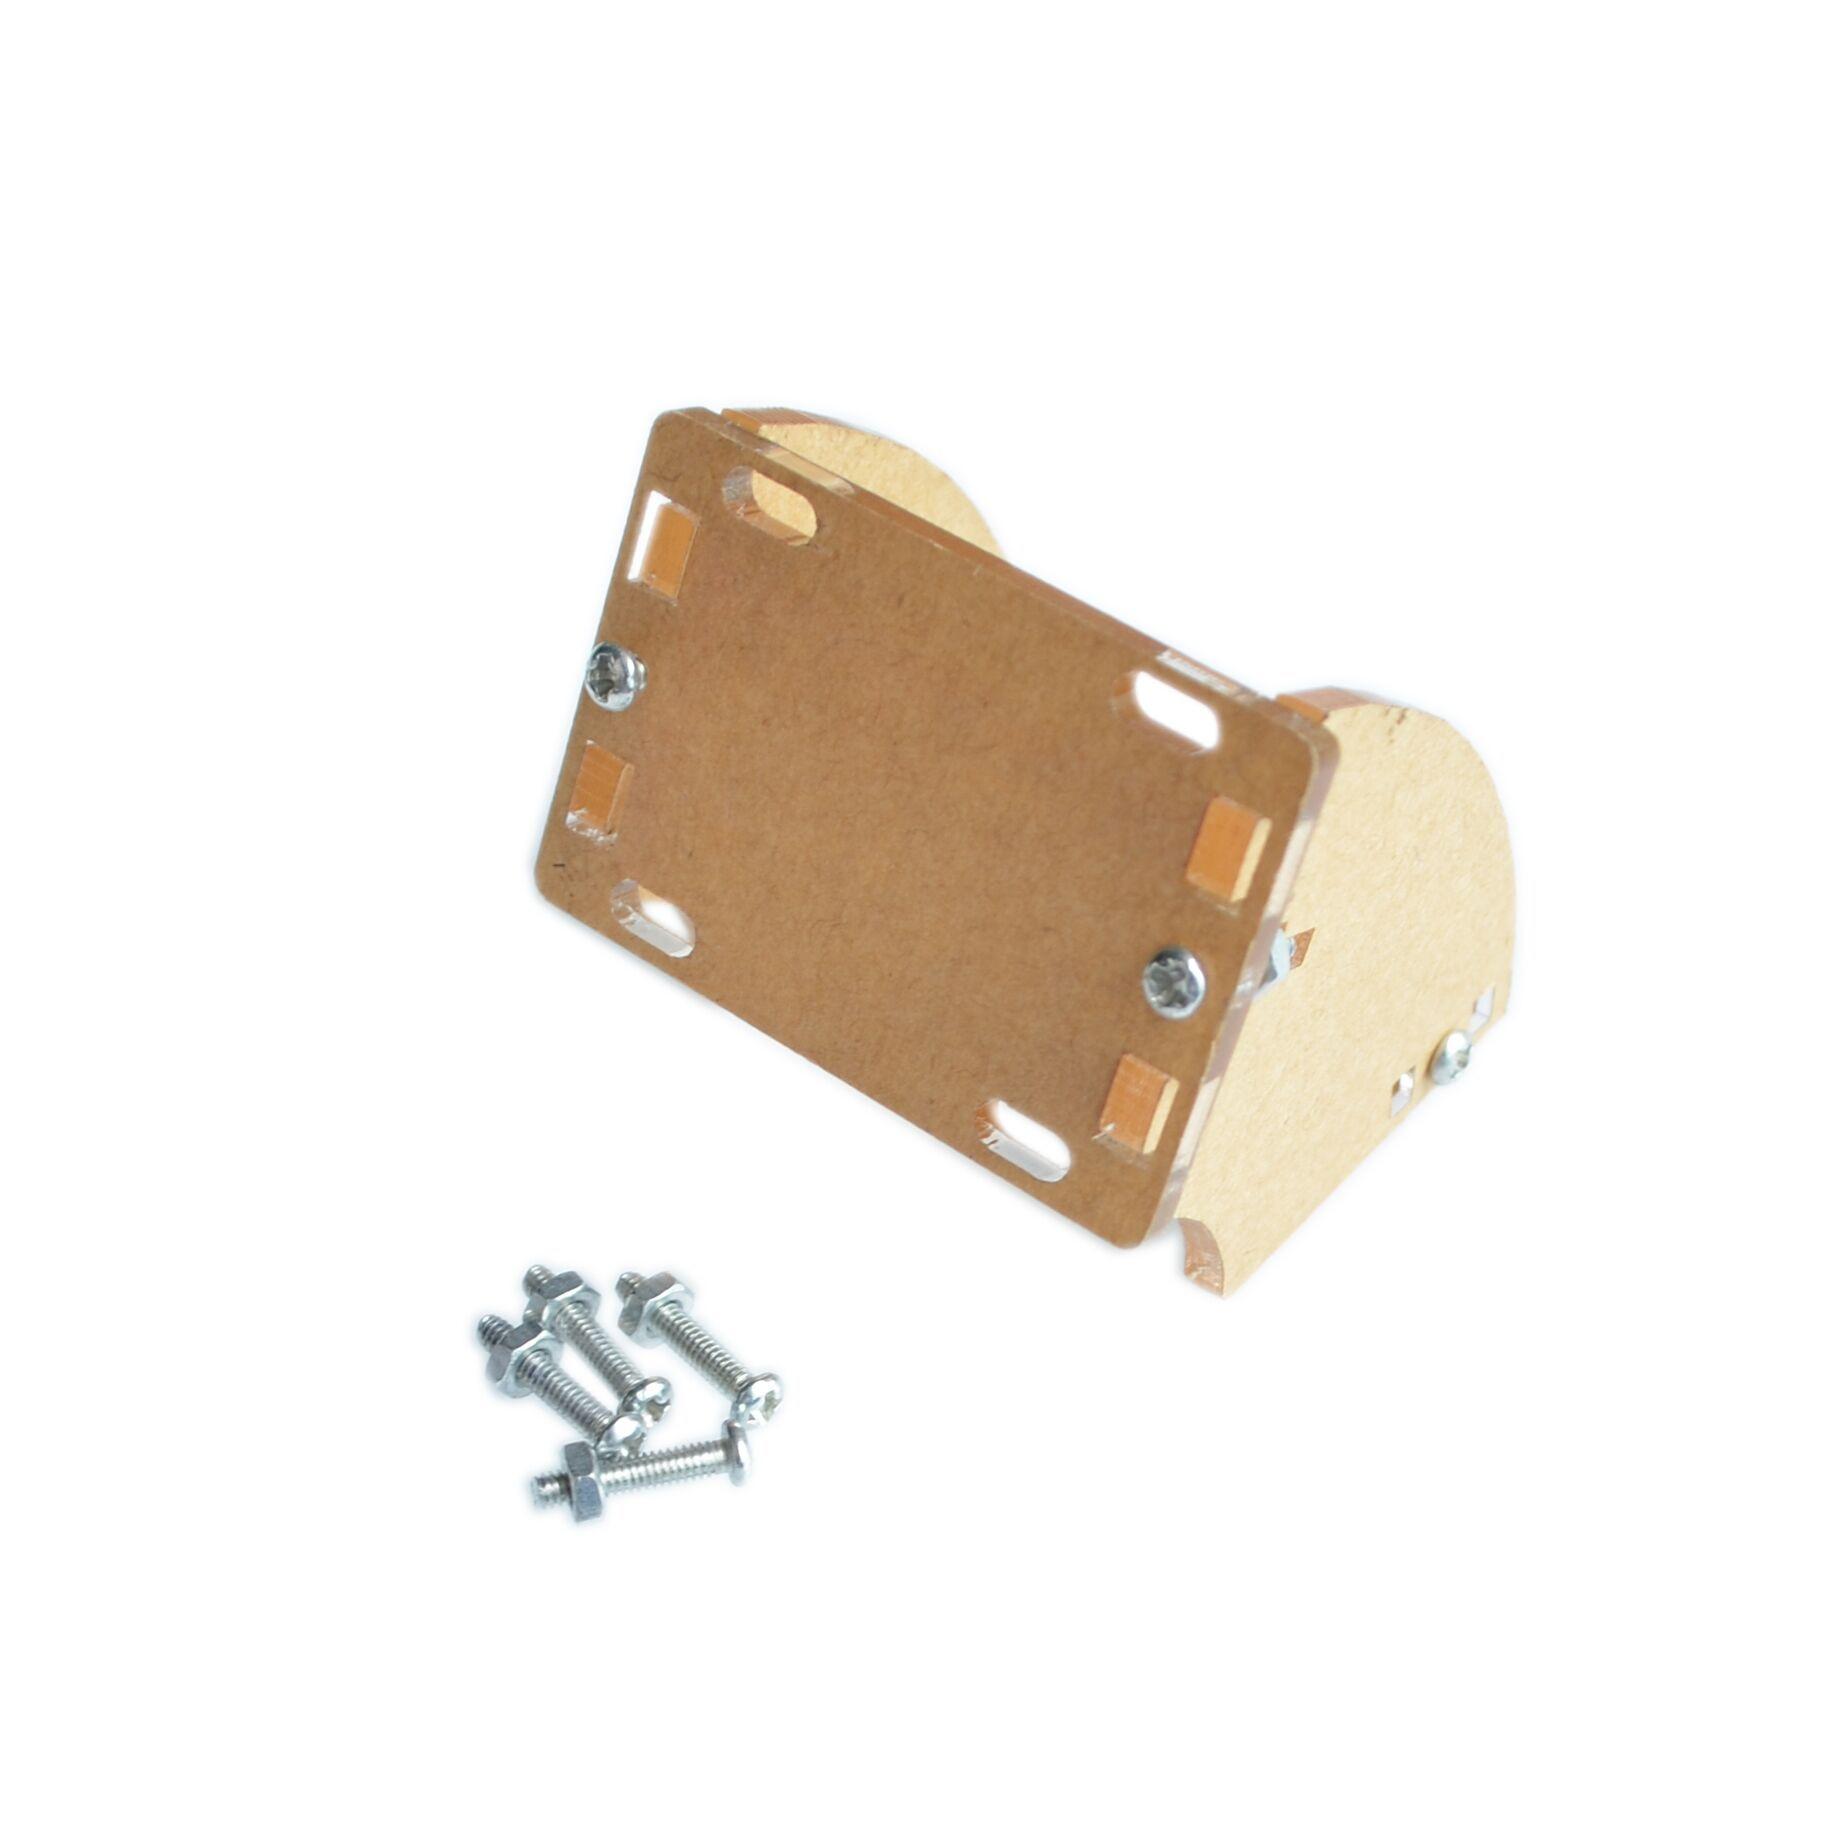 10 шт./лот 128X64 0,96 дюймов O светодиодный ЖК-дисплей светодиодный Дисплей модуль Чехол Держатель стенты